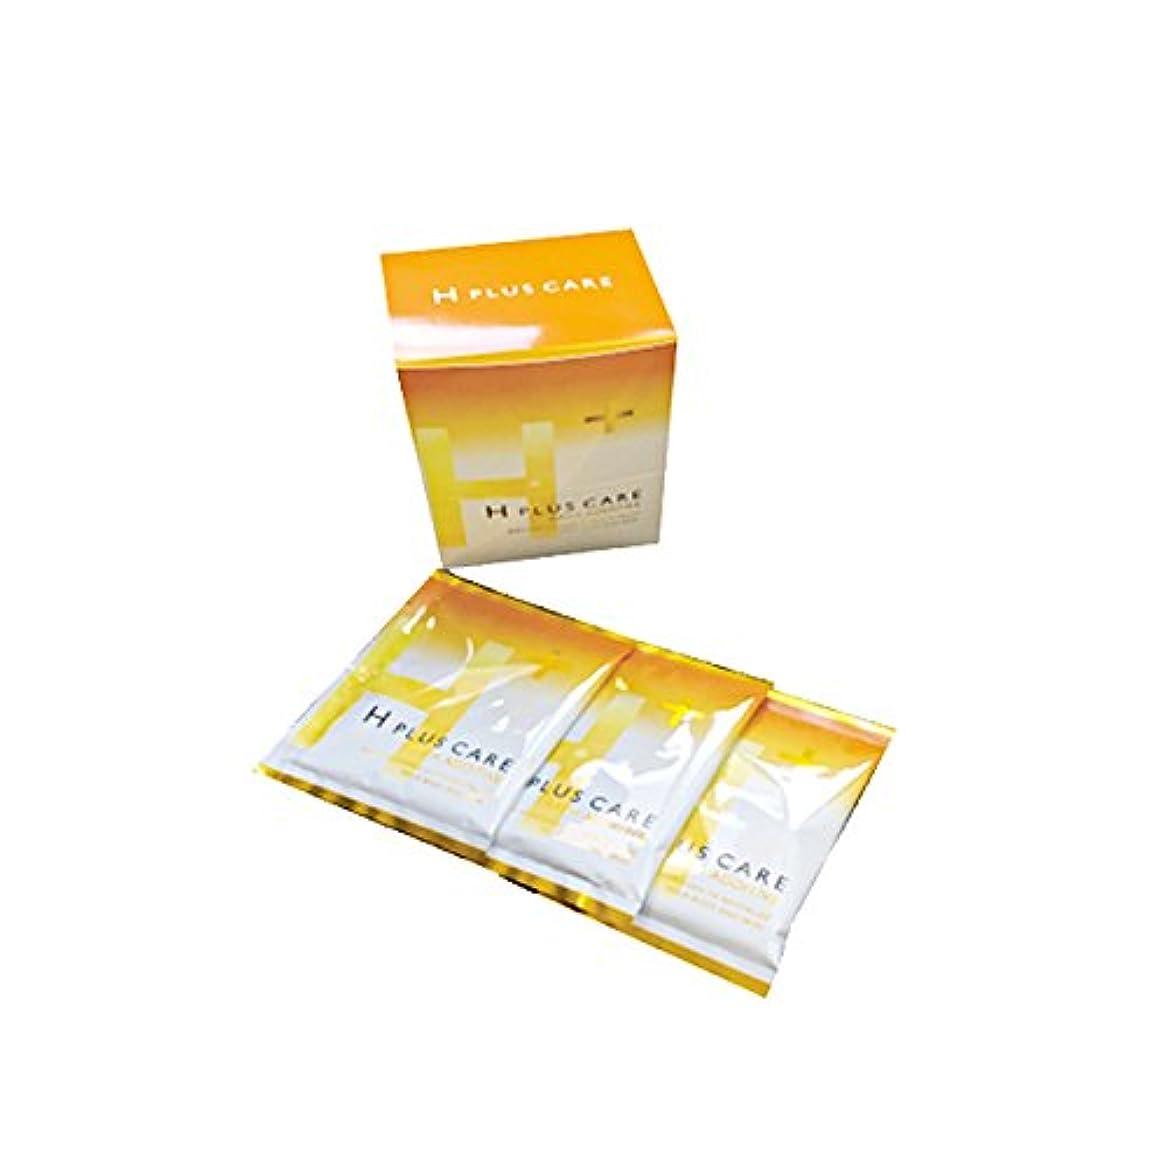 それにもかかわらず不利益わがまま水素浴用剤 H PLUS CARE(エイチプラスケア) 450g(45g×10包) アンタレス